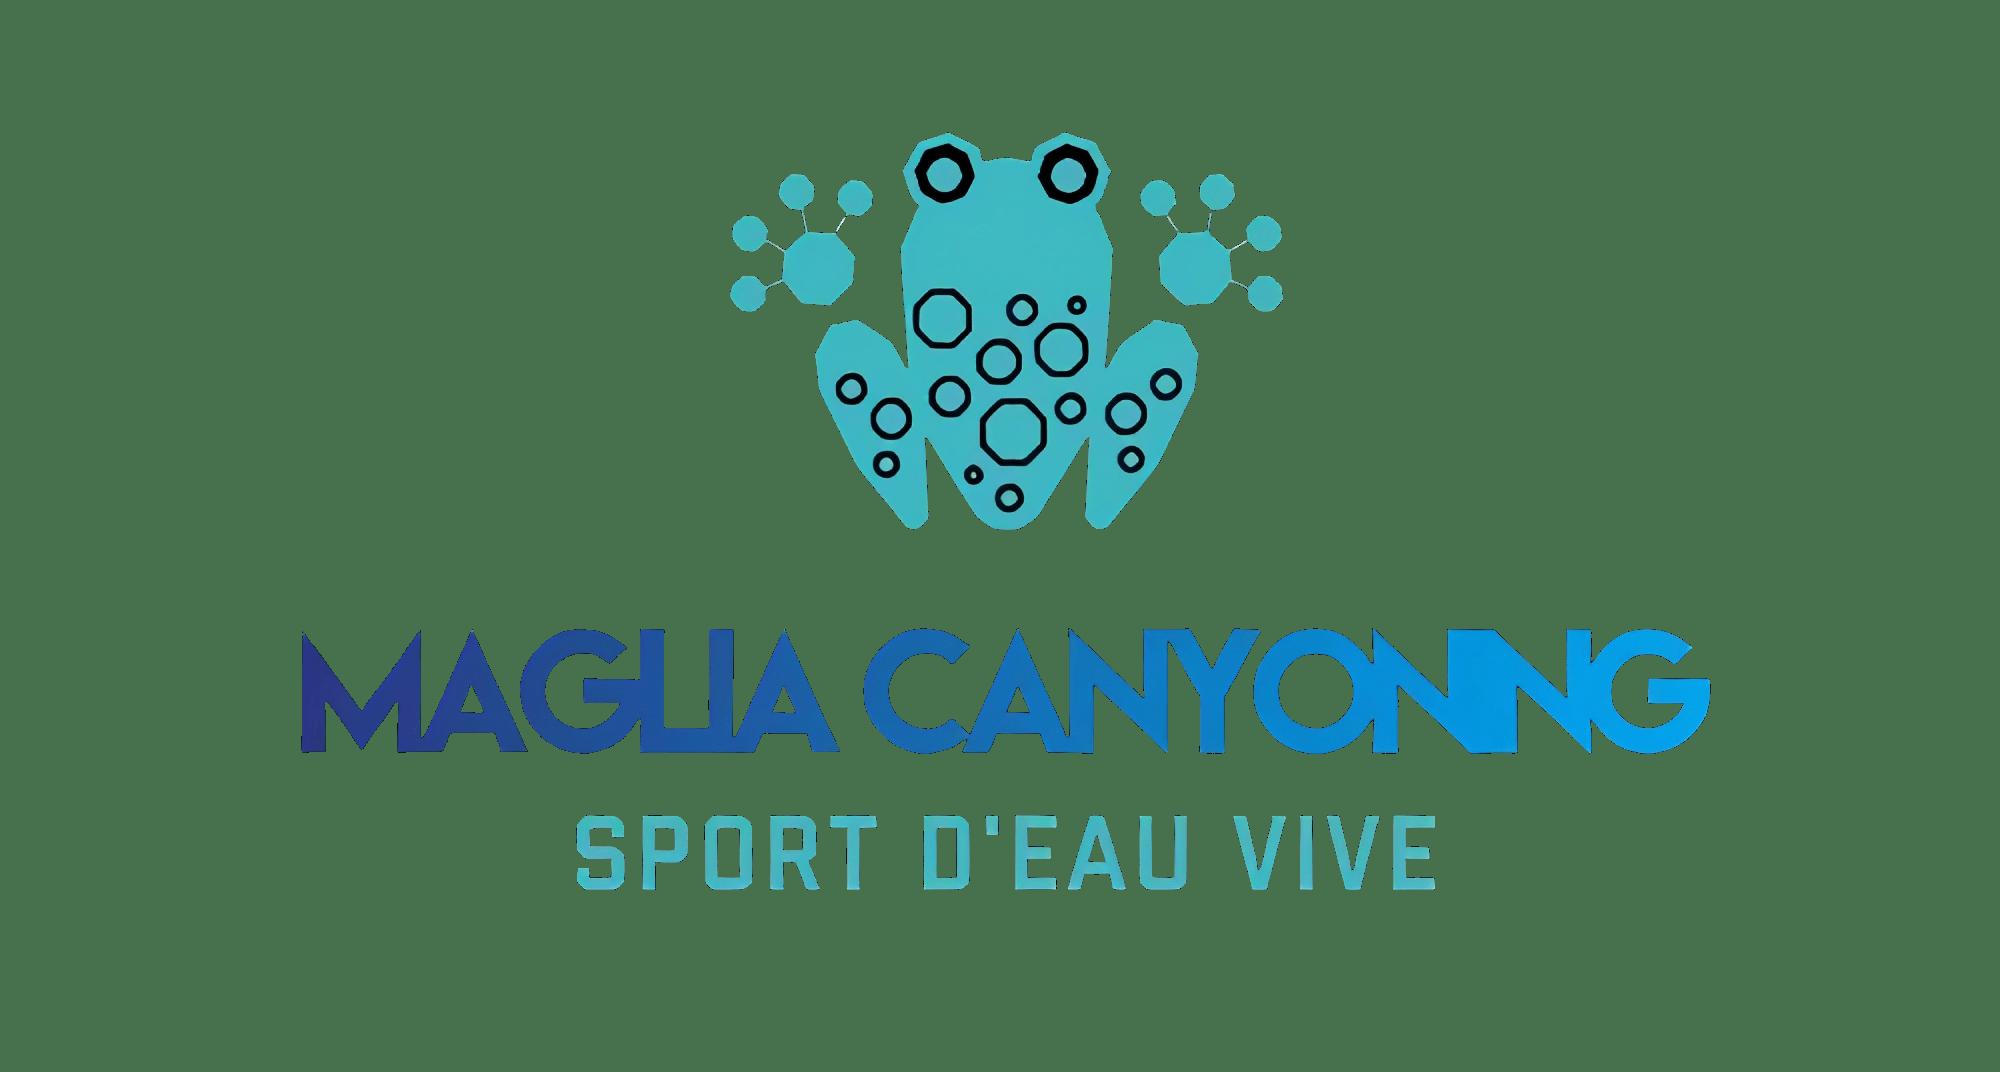 Logo du site maglia Canyoning sport d'eau vive